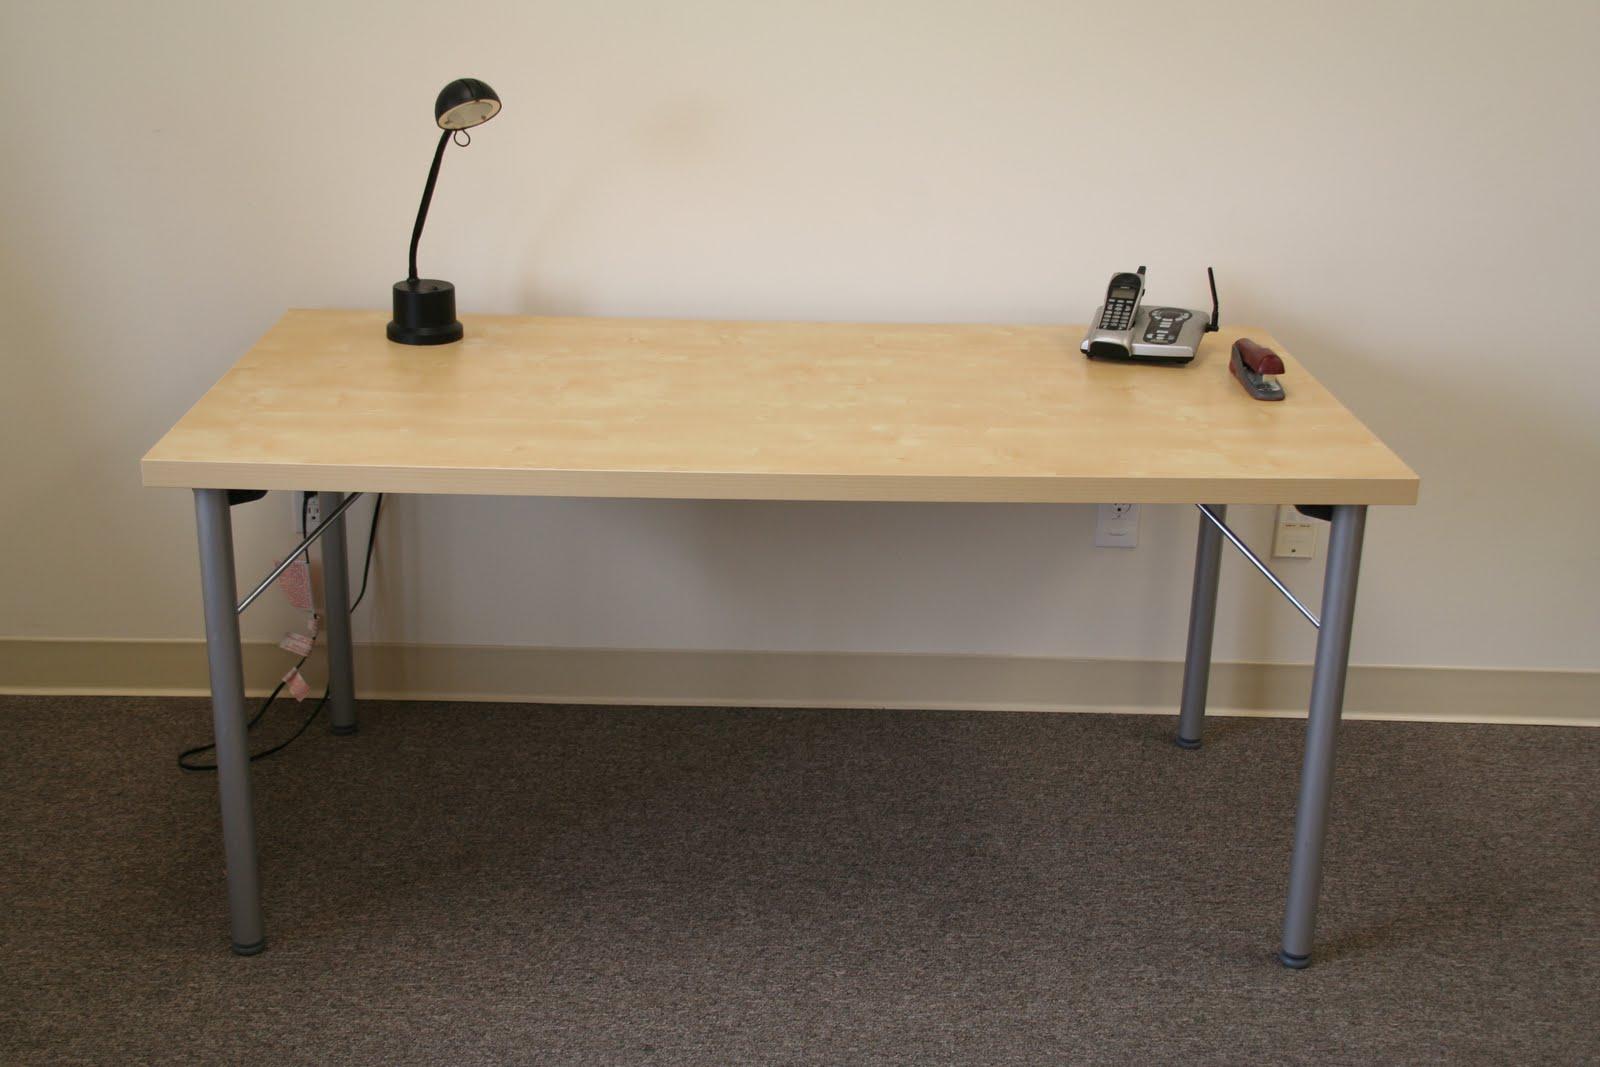 Ikea Office Desk Folding Legs 45